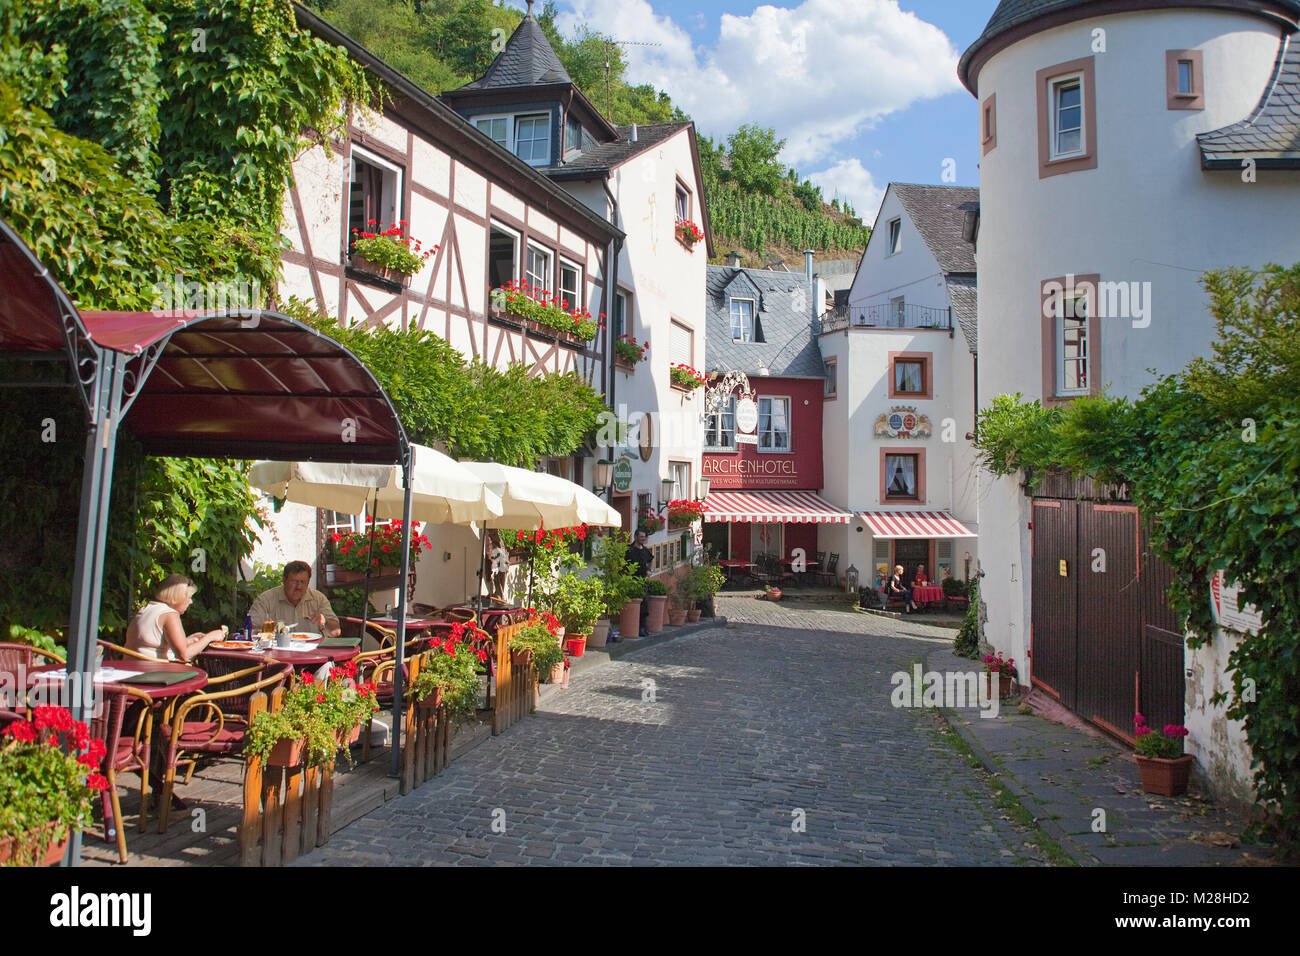 Weinstube in einer Gasse von Bernkastel-Kues, Mosel, Rheinland-Pfalz, Deutschland, Europa Stockbild